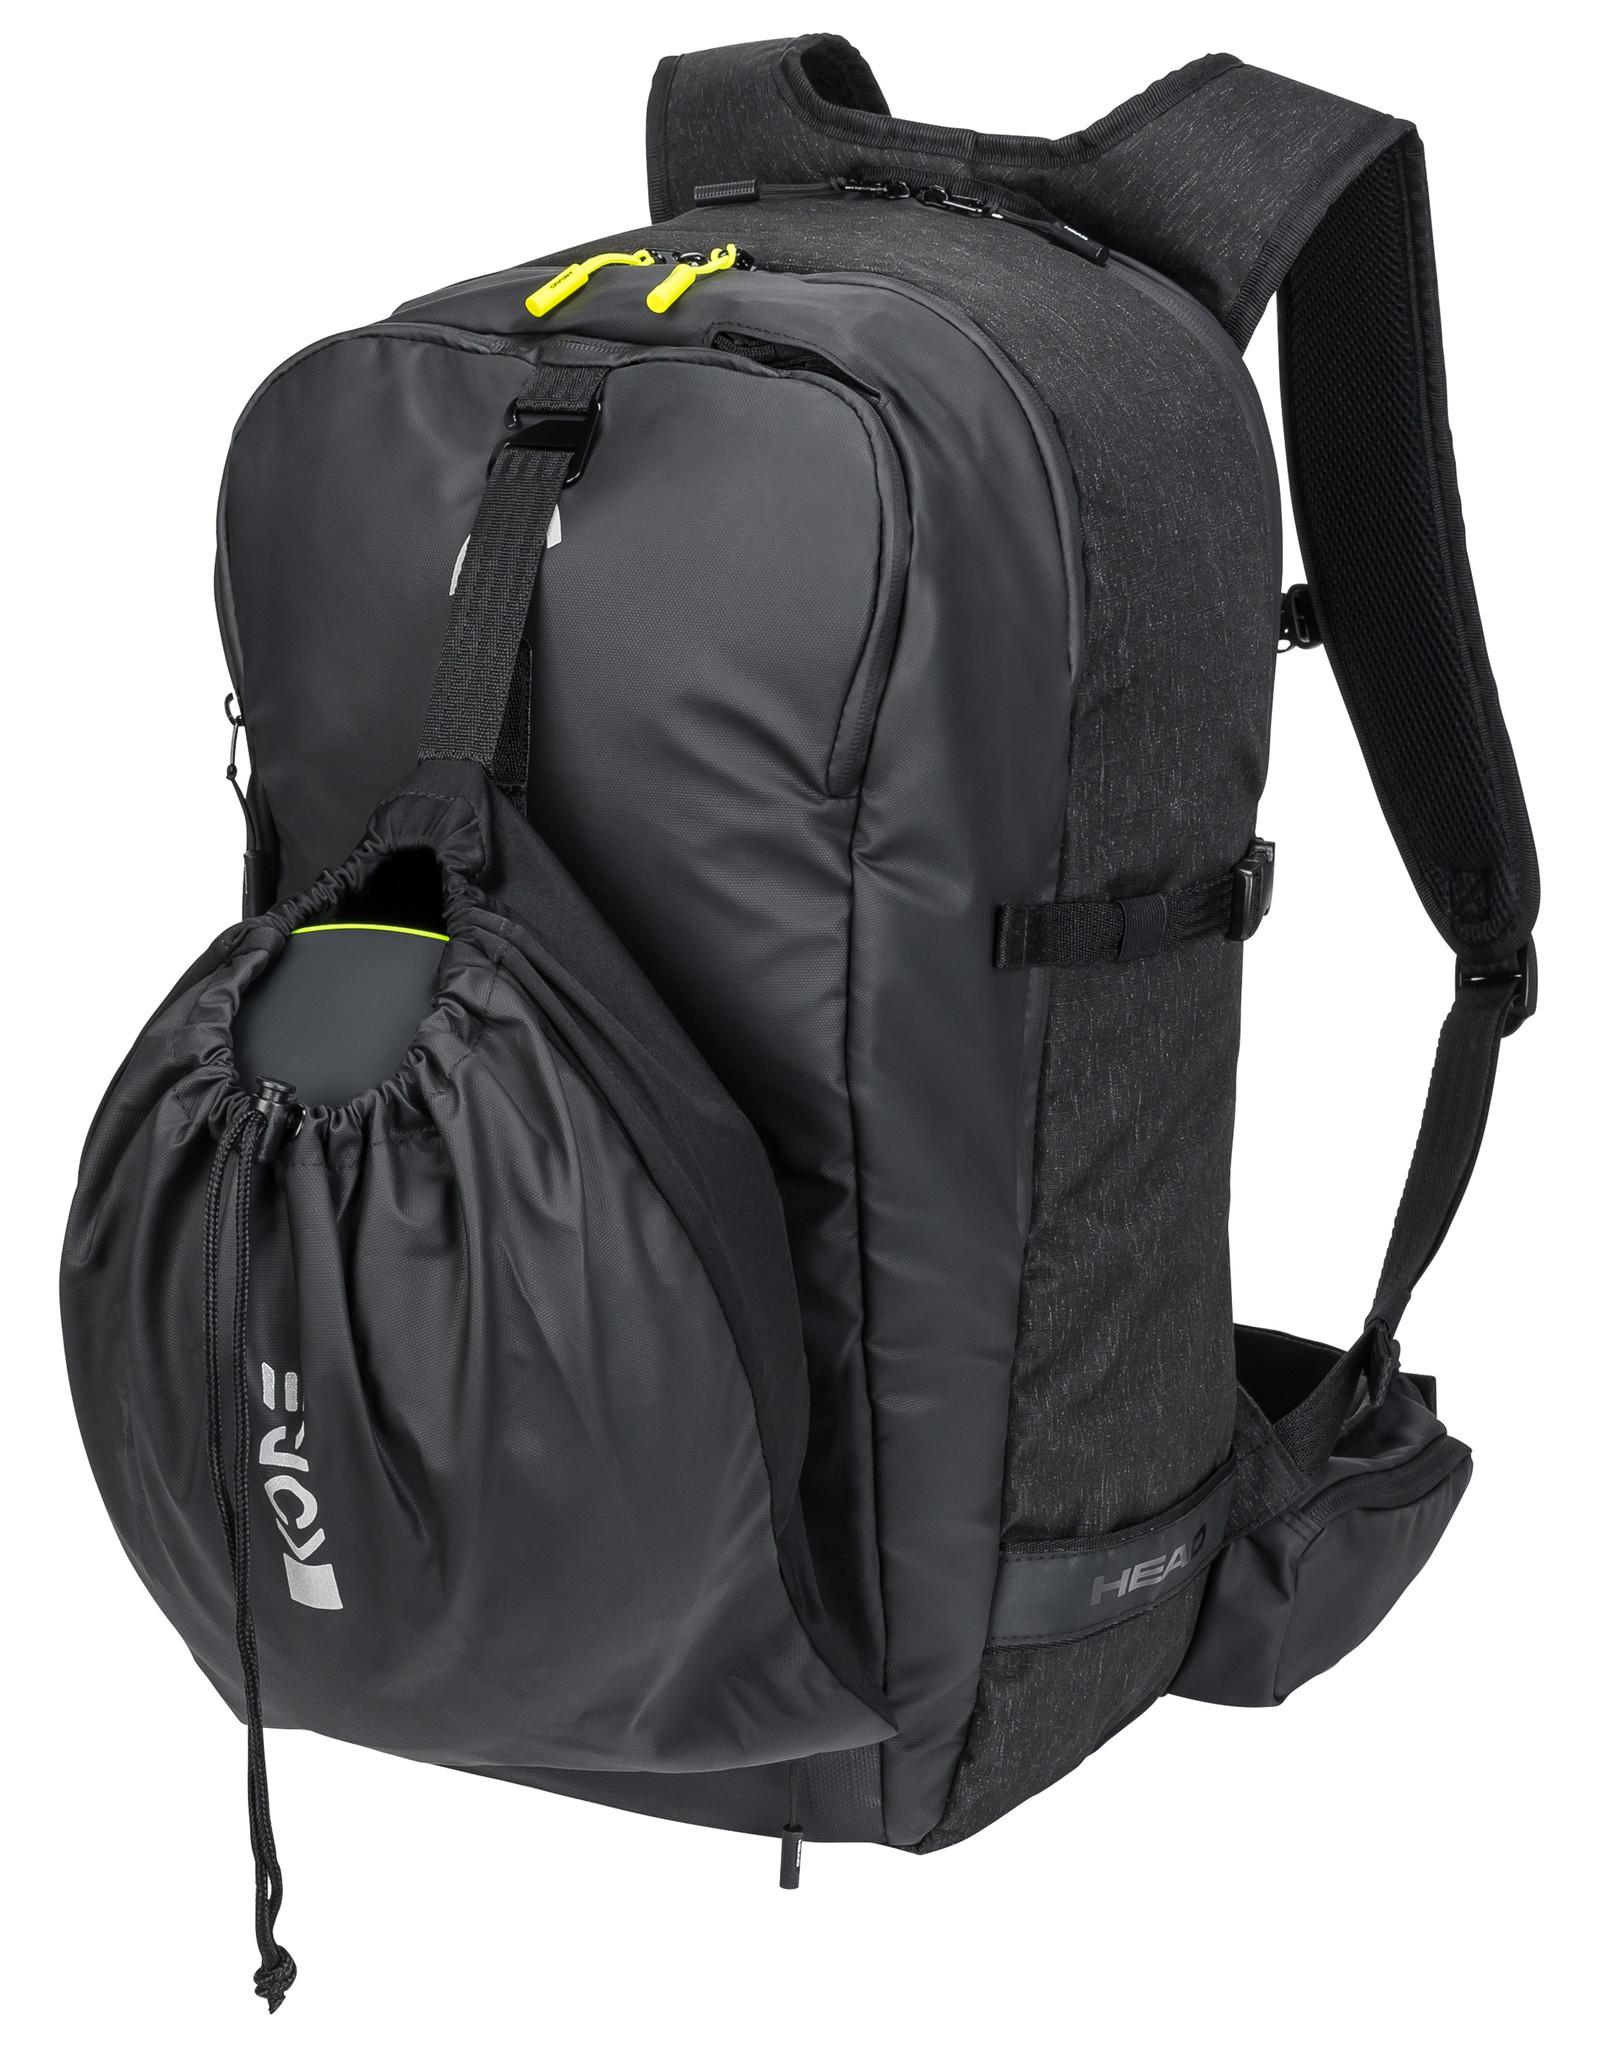 Head Kore Backpack -W2022